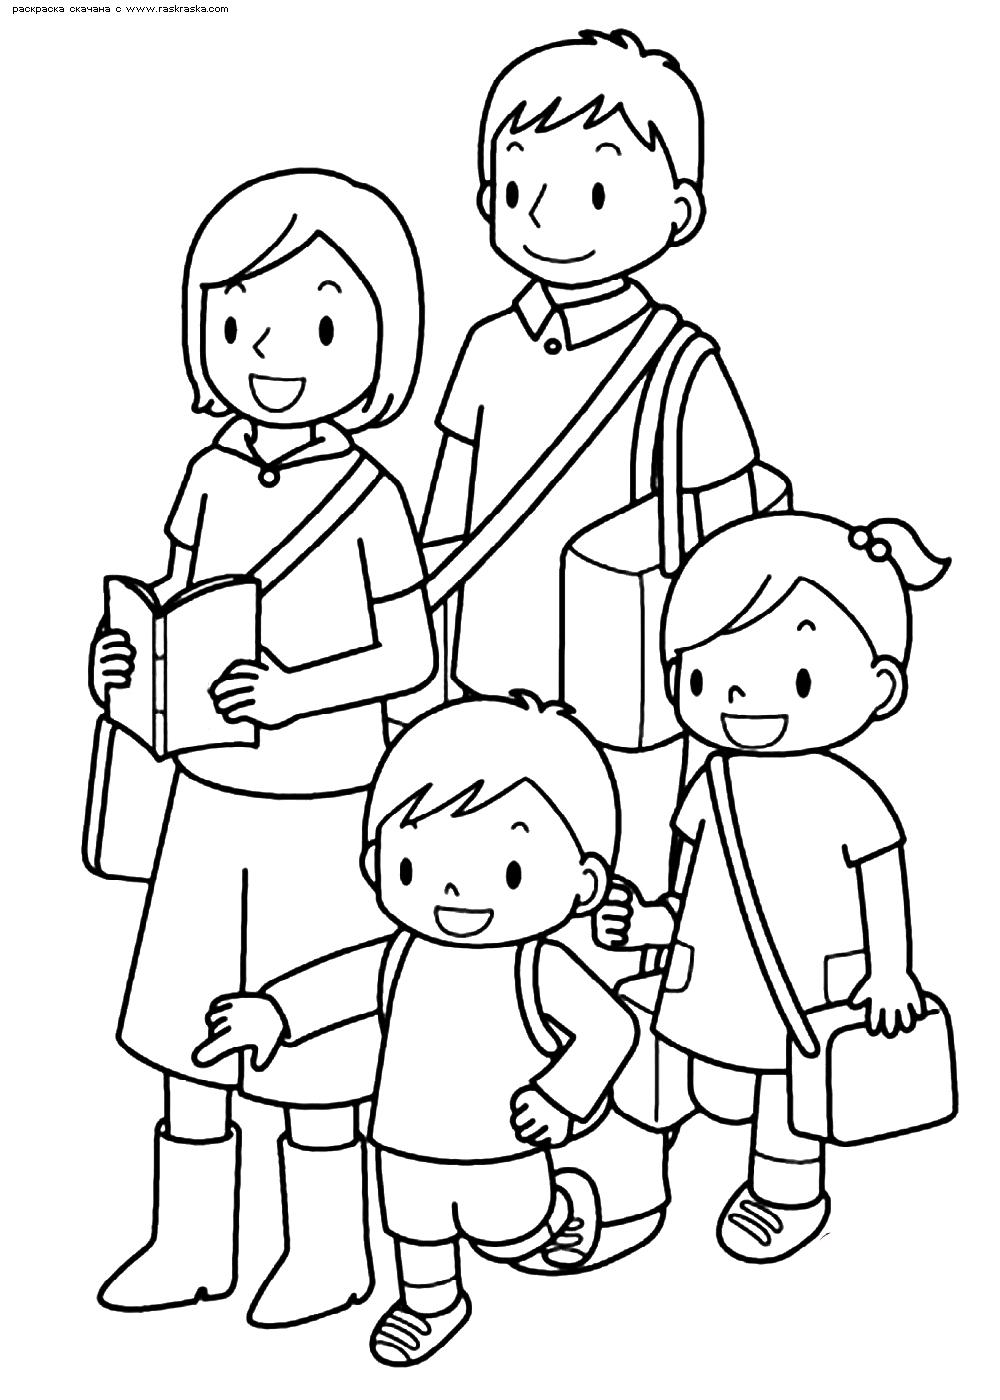 Раскраска Семья 4 человека   Раскраски Каталог раскрасок.